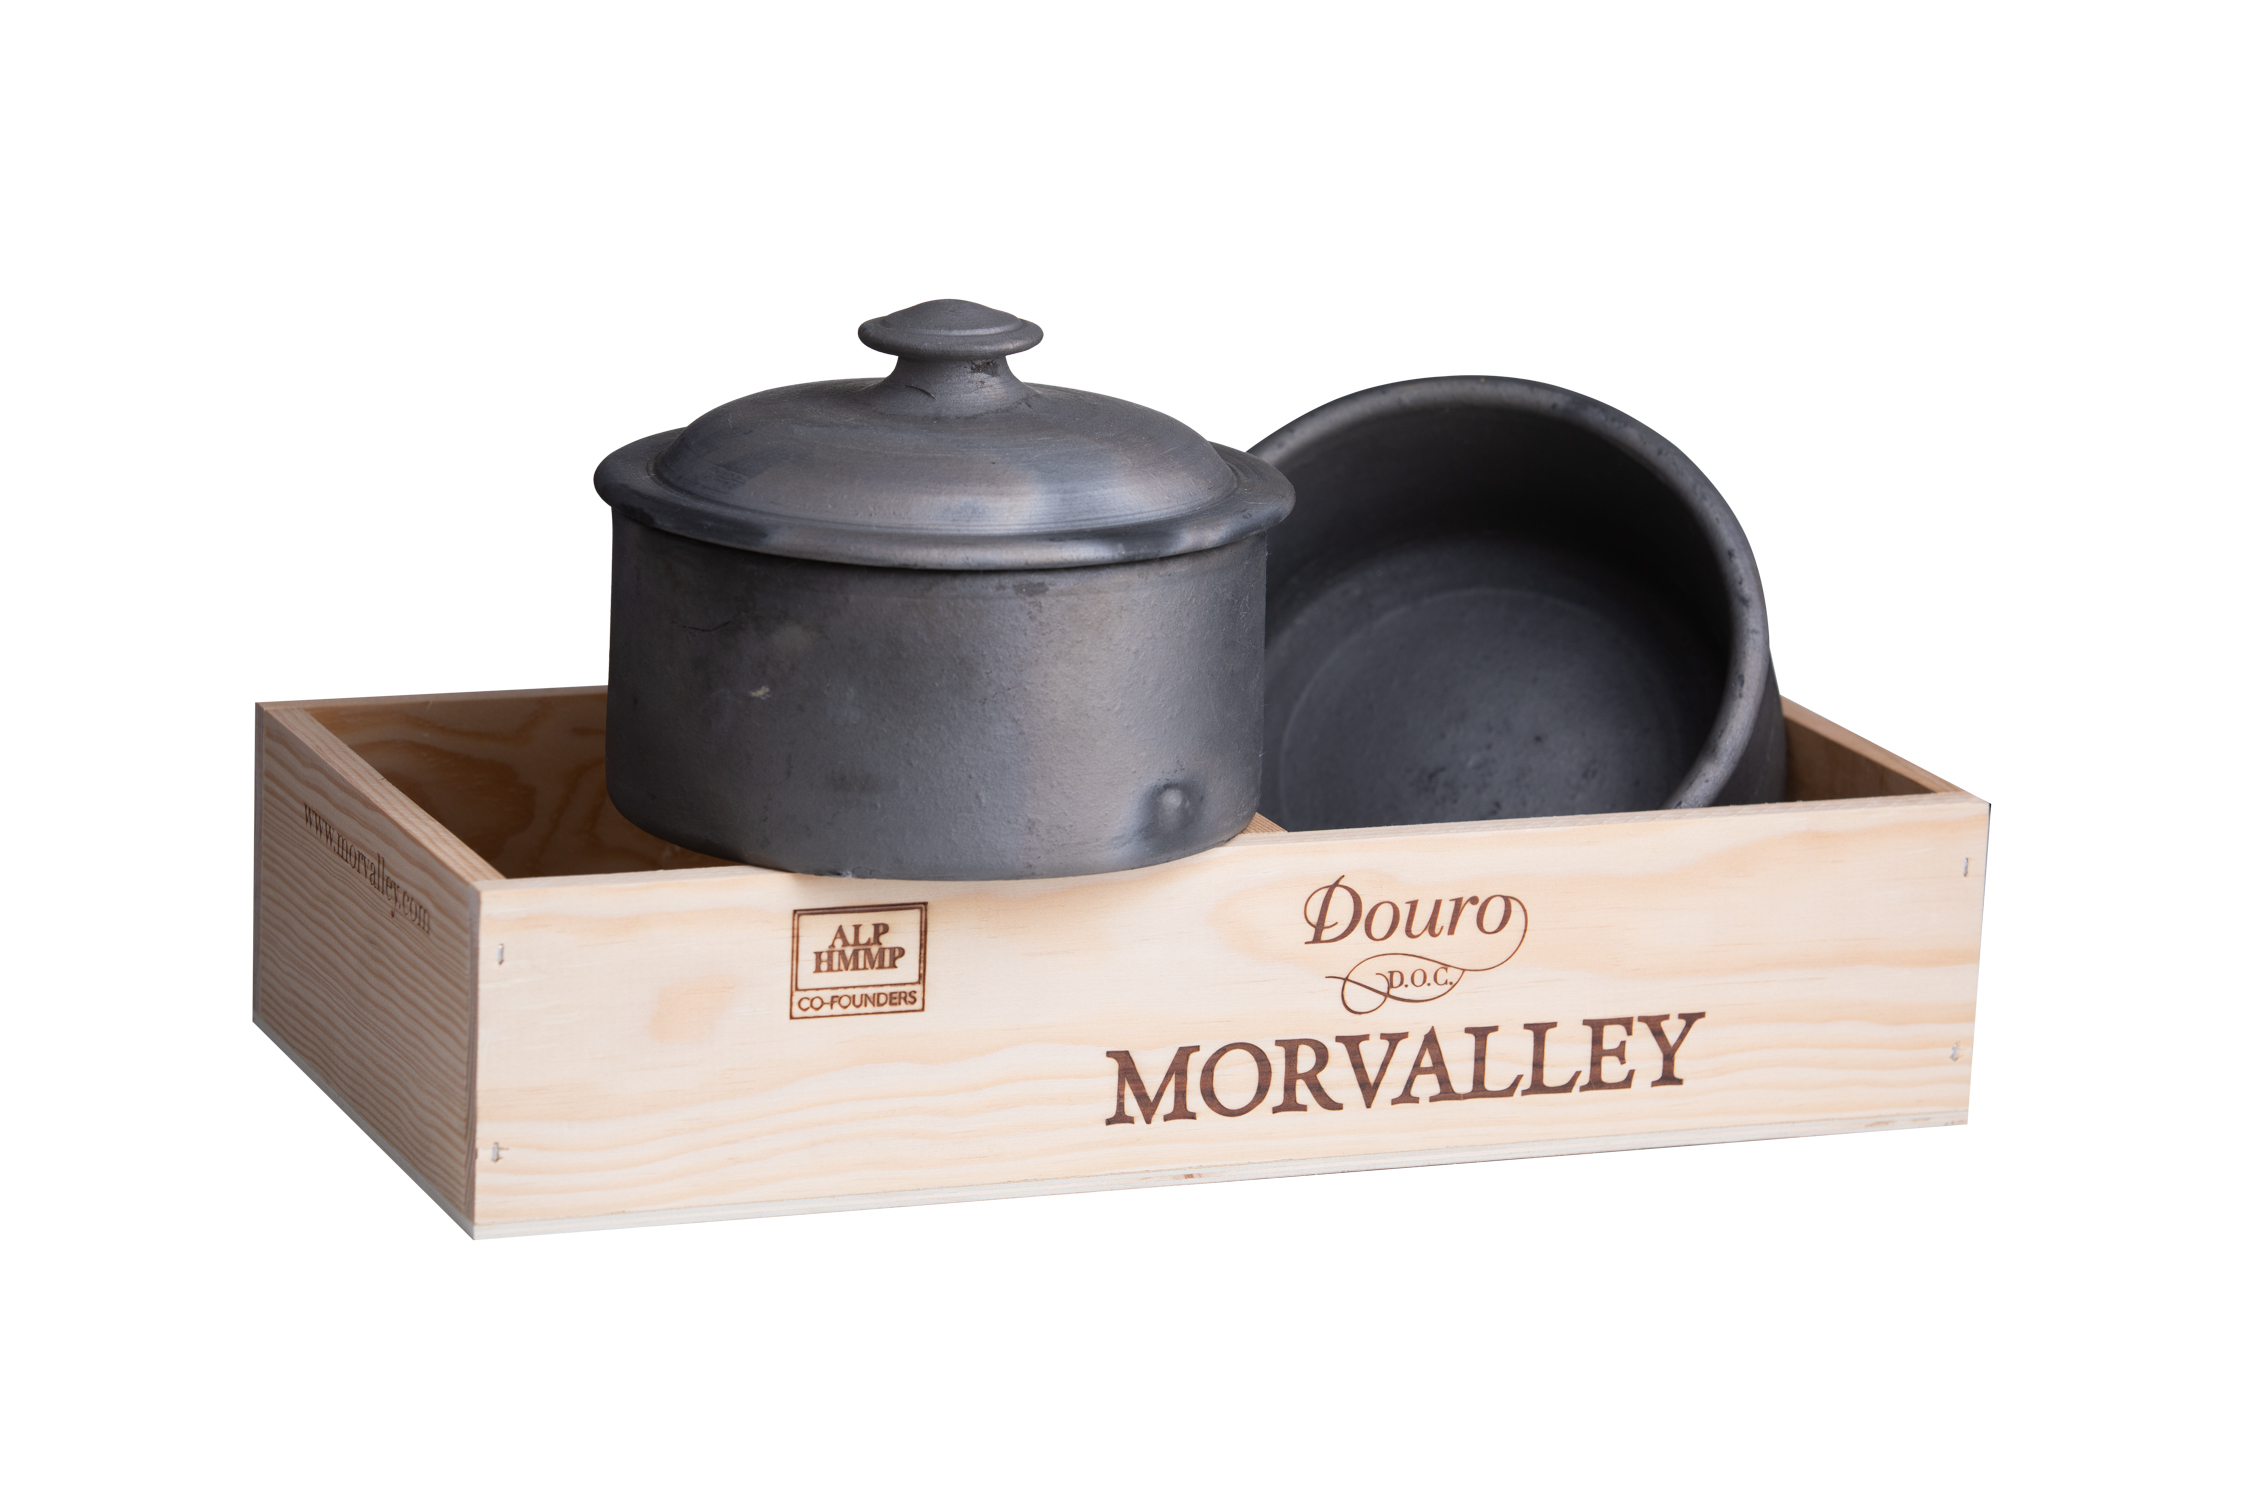 Morvalley, região demarcada do douro, quinta da capela, vinho, fotografia, ruidacruz,